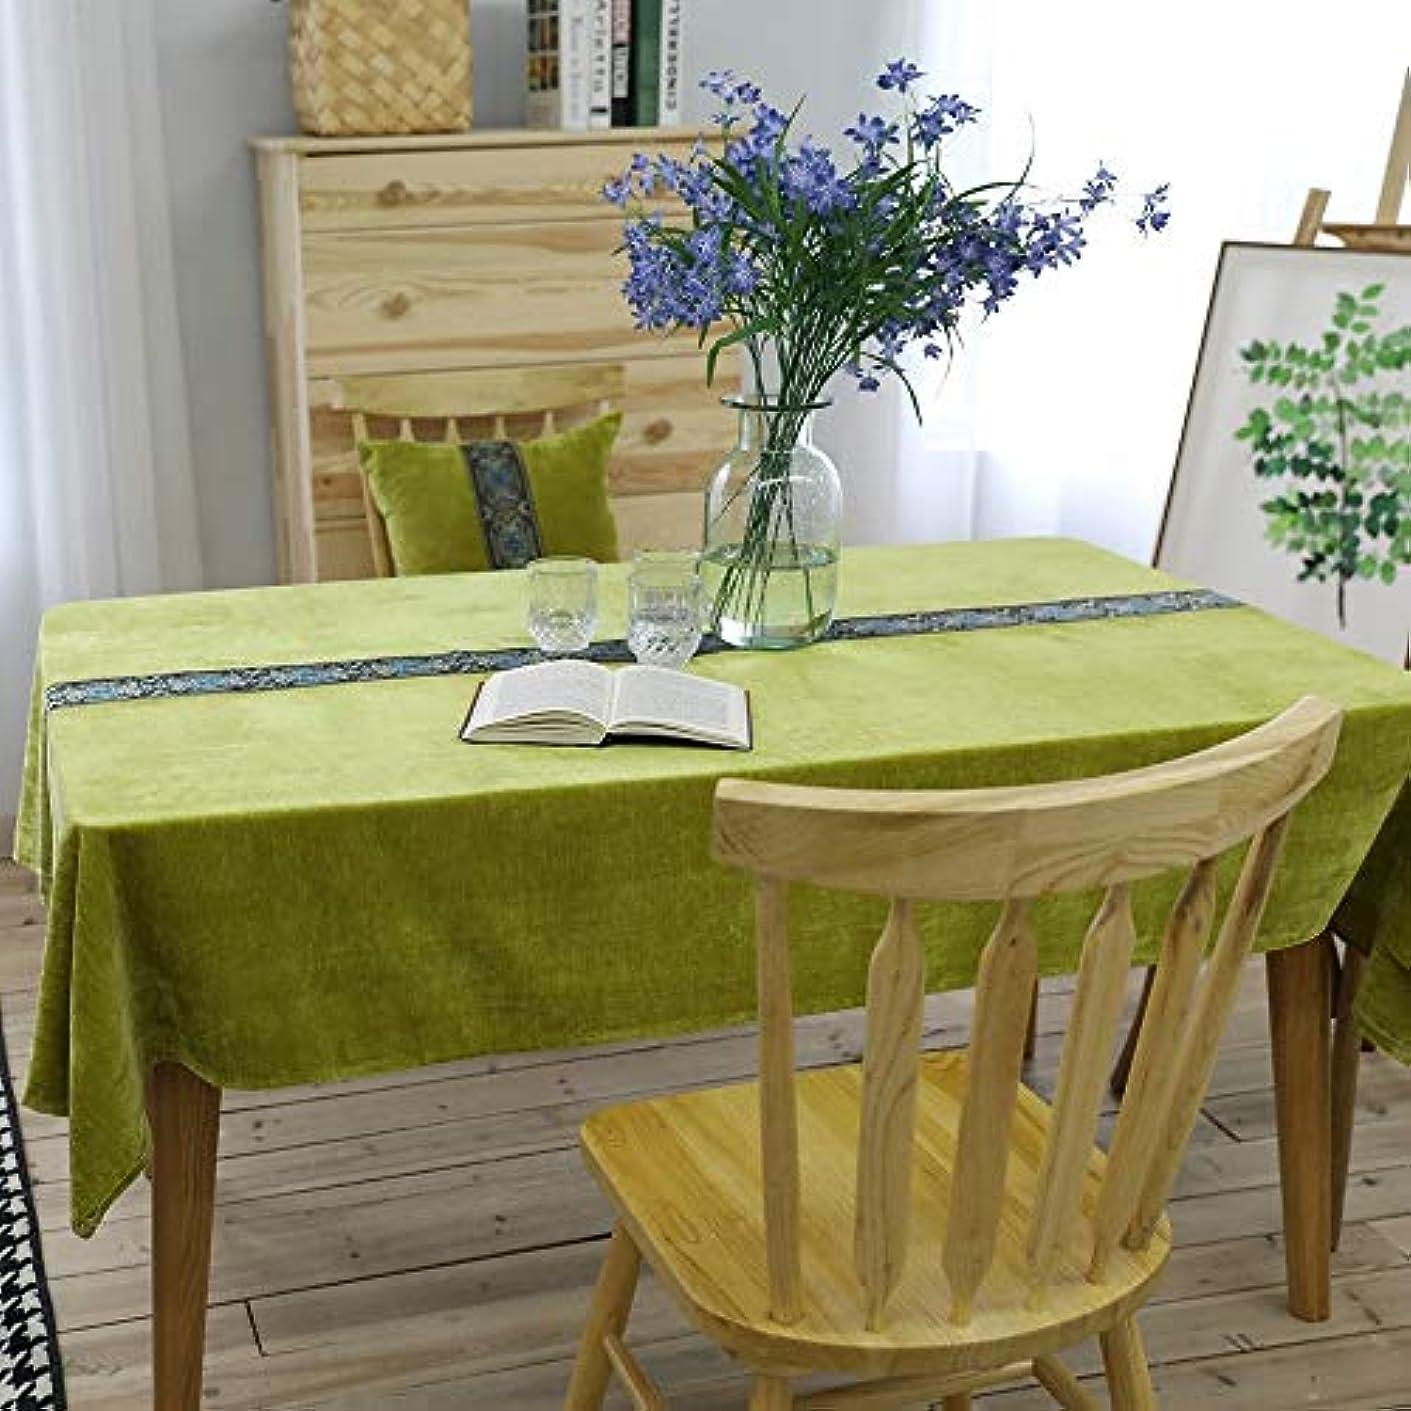 はさみ炎上ジェット家の装飾 北欧の古典的なハイグレードテーブルクロスのコーヒーテーブルクロス刺繍青二枚舌ベルベット厚い長方形のテーブルクロス ホームデコレーションアクセサリー (Color : Green2, Size : 90*90)